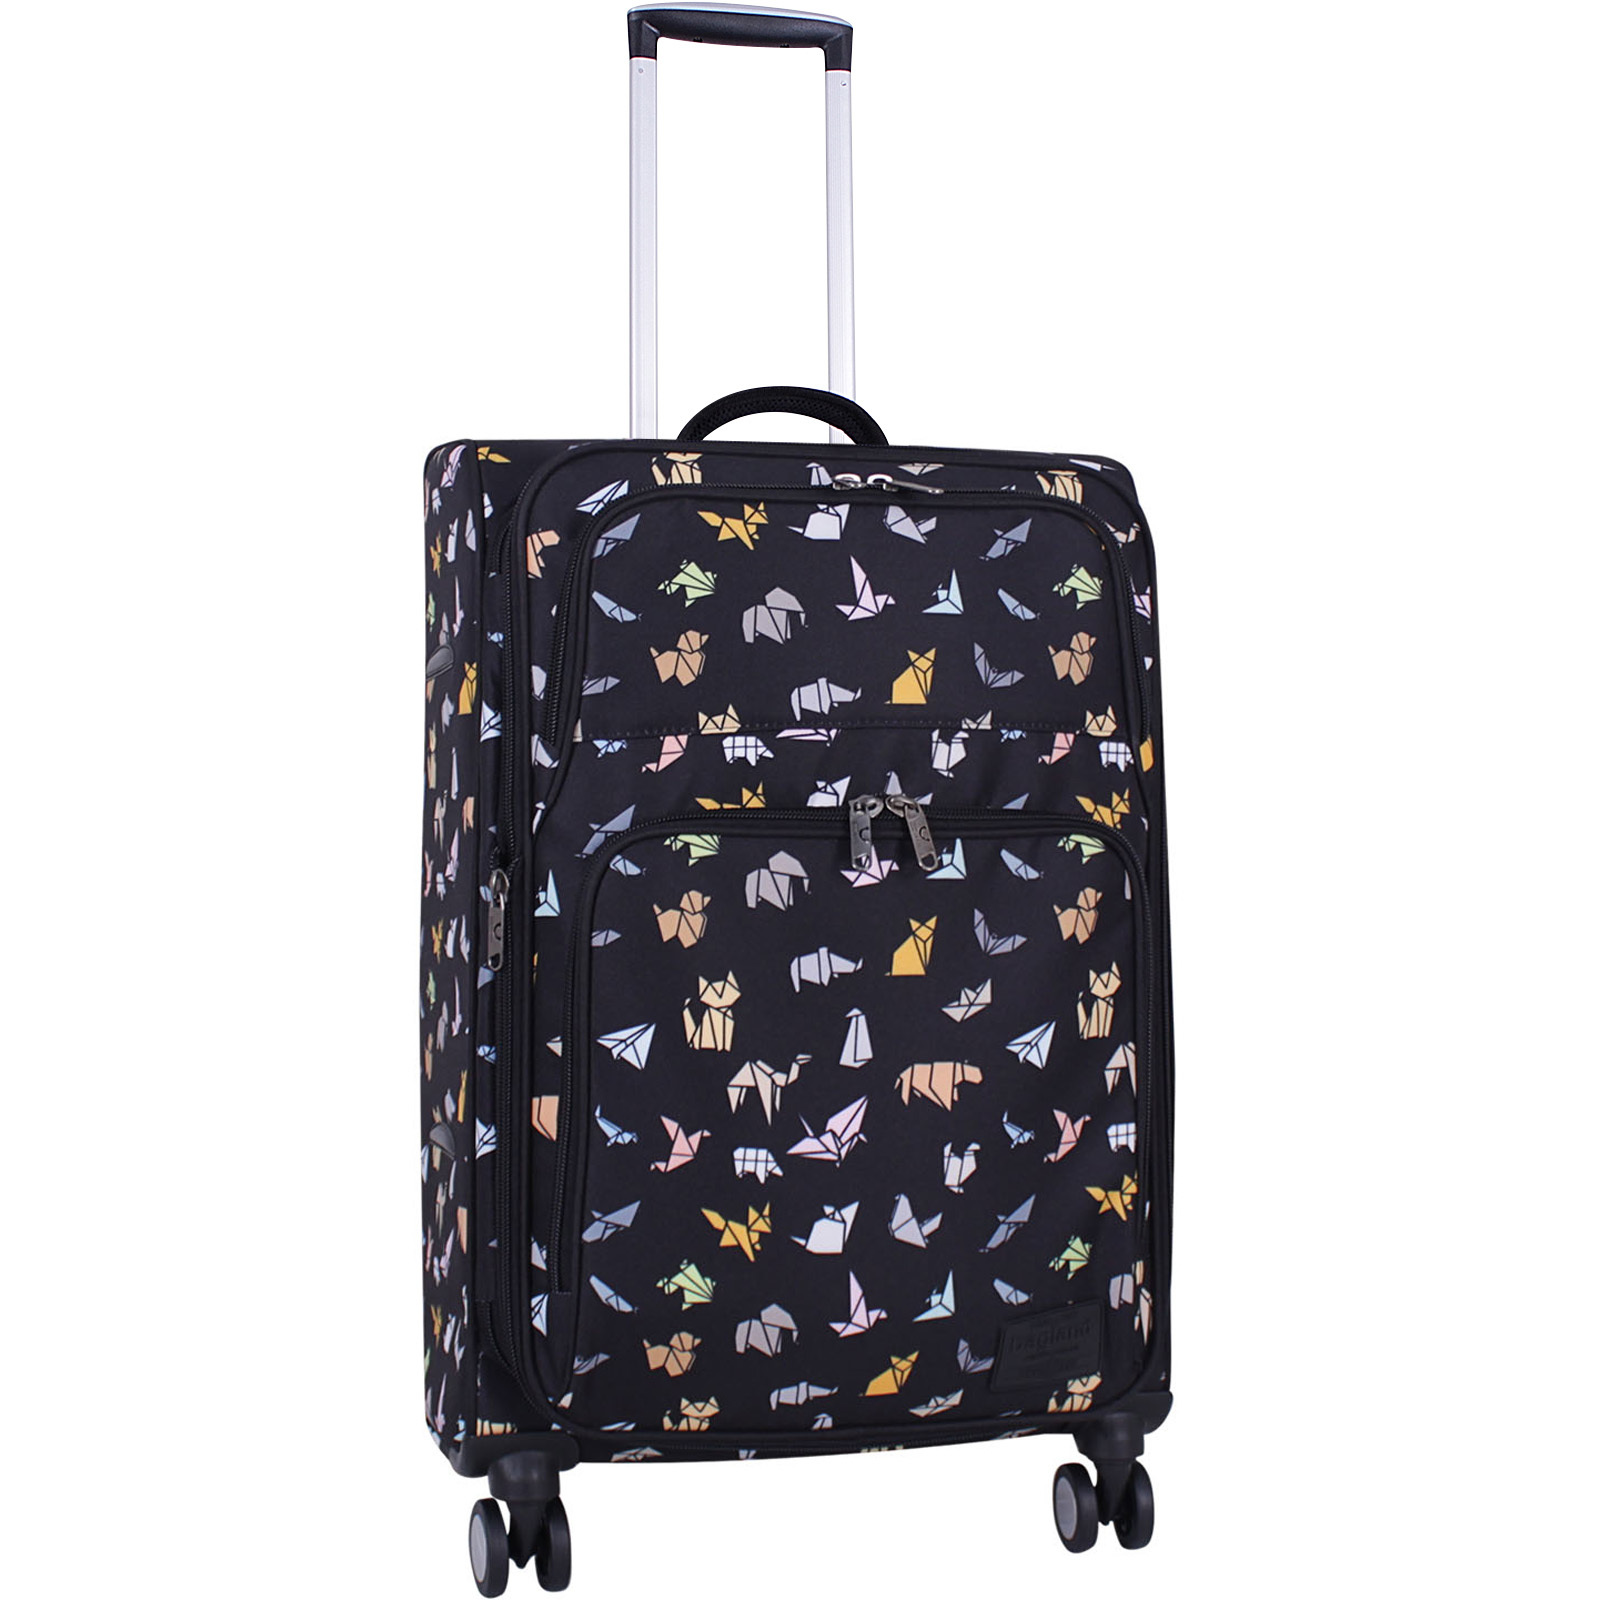 Дорожные чемоданы Чемодан Bagland Валенсия средний дизайн 63 л. сублимация 752 (0037966244) IMG_8964_суб752_-1600.jpg